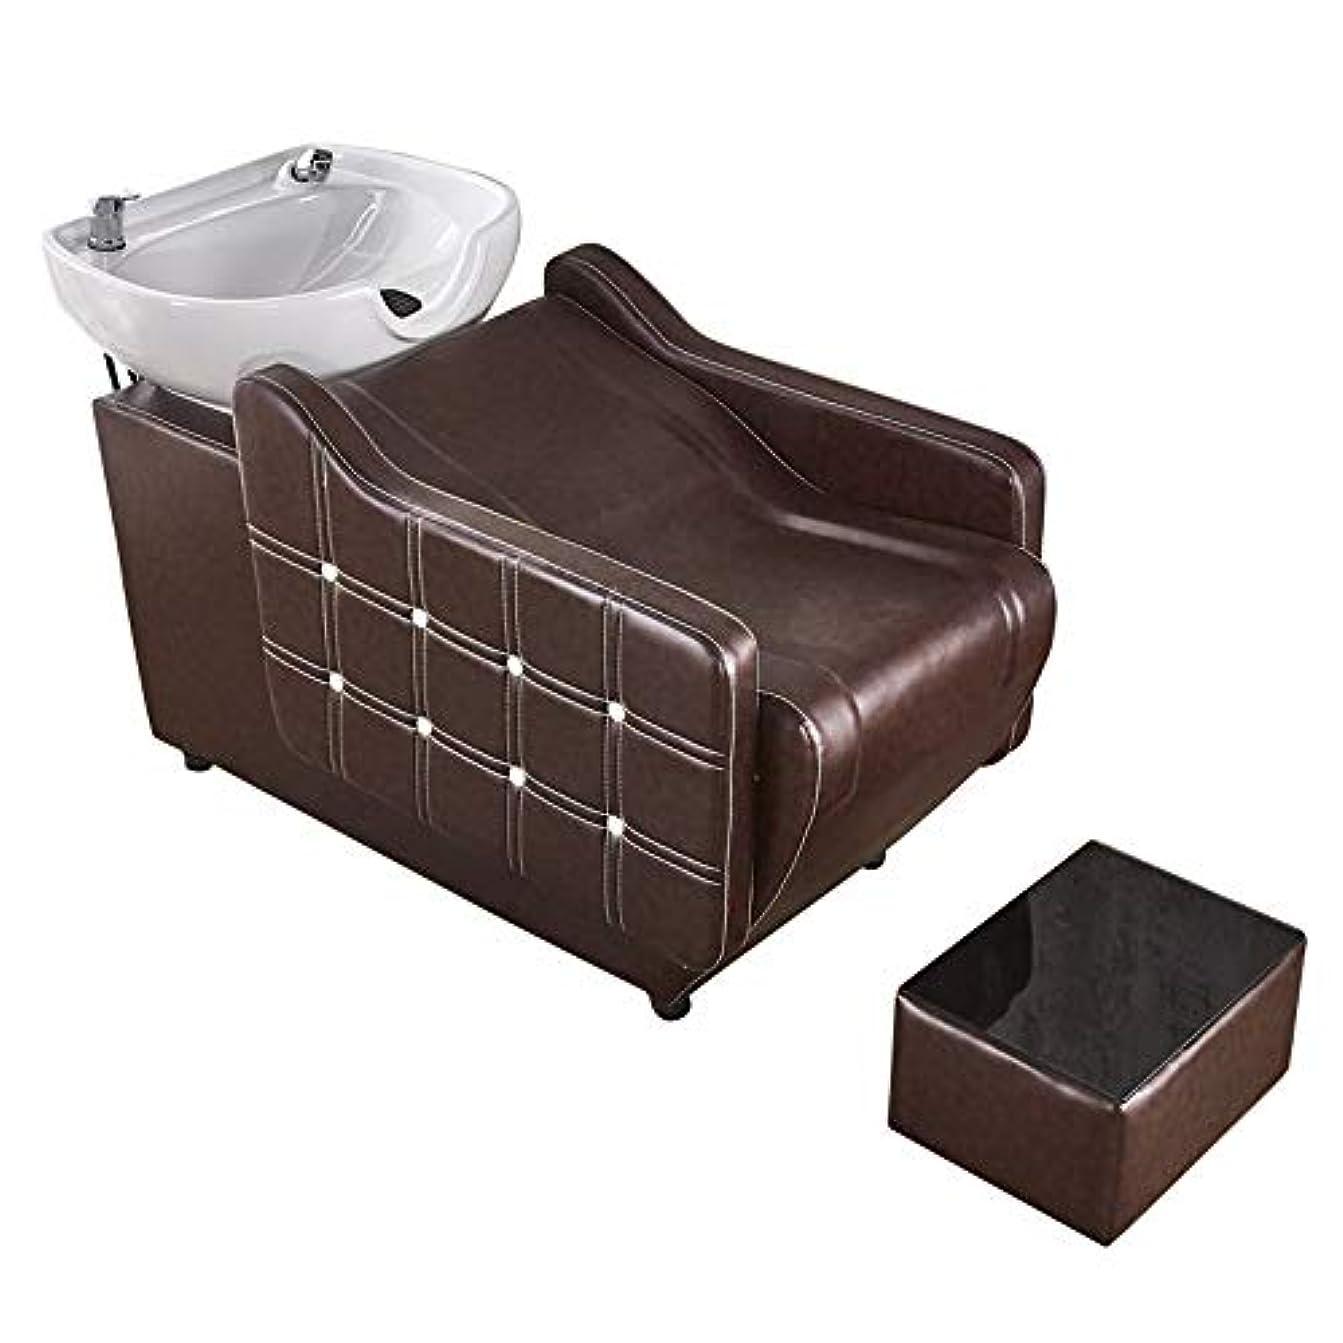 普遍的な振るう米国シャンプーチェア、理髪店の逆洗ユニットシャンプーボウル理髪シンクの椅子用スパ美容院